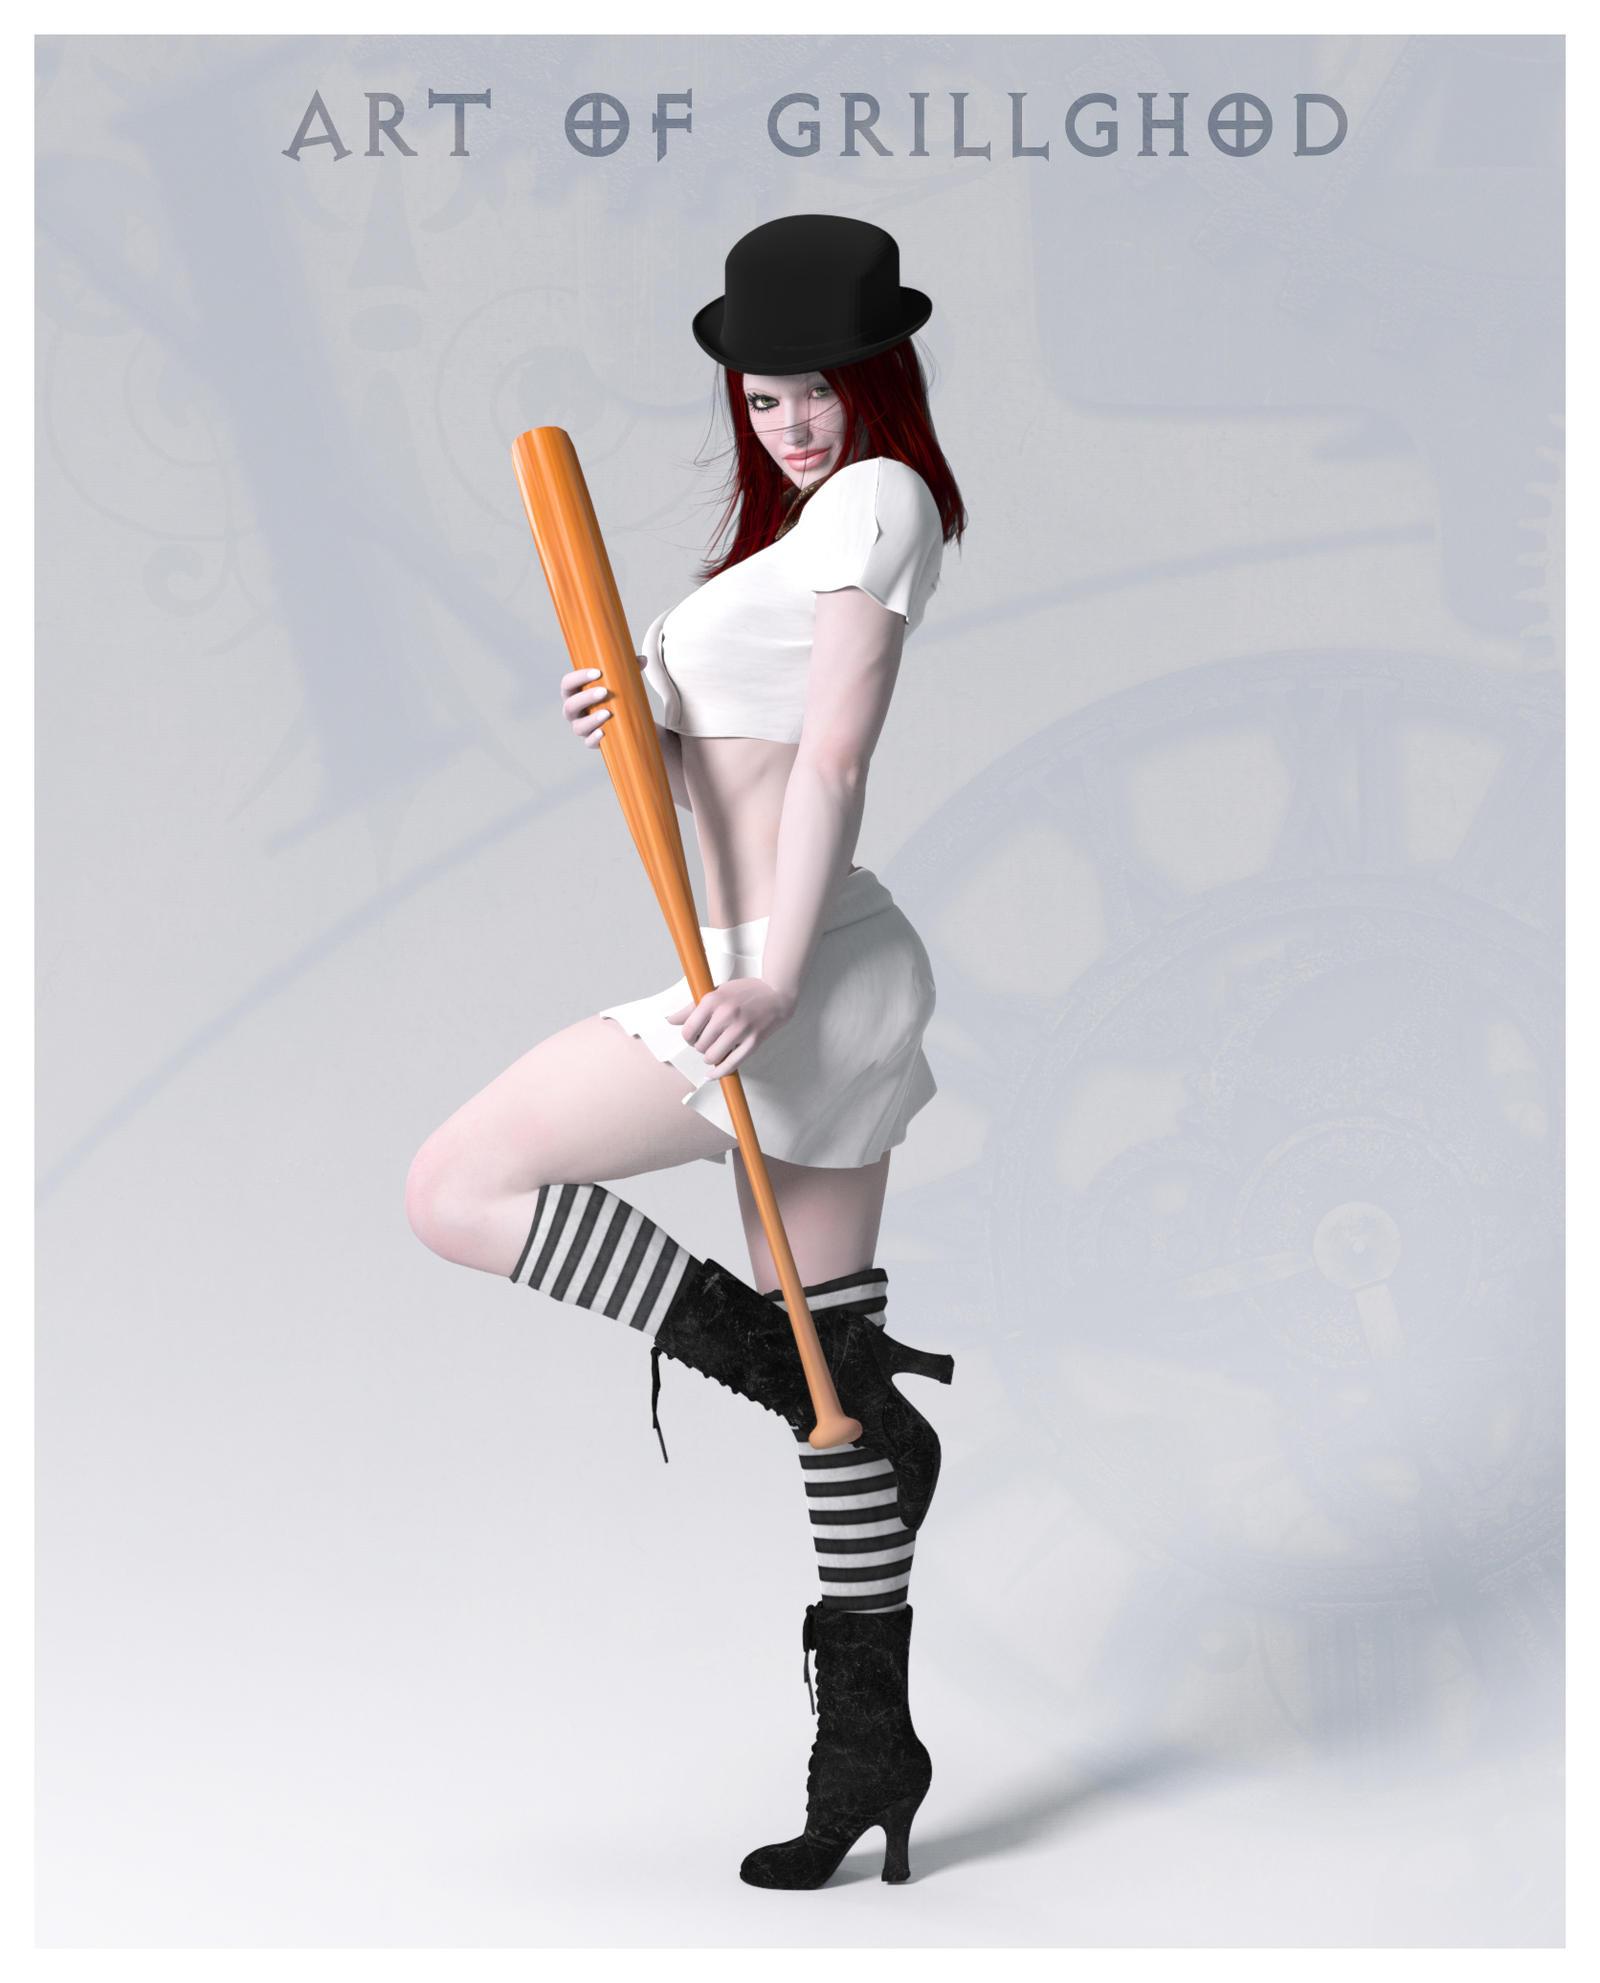 grillghod's Profile Picture